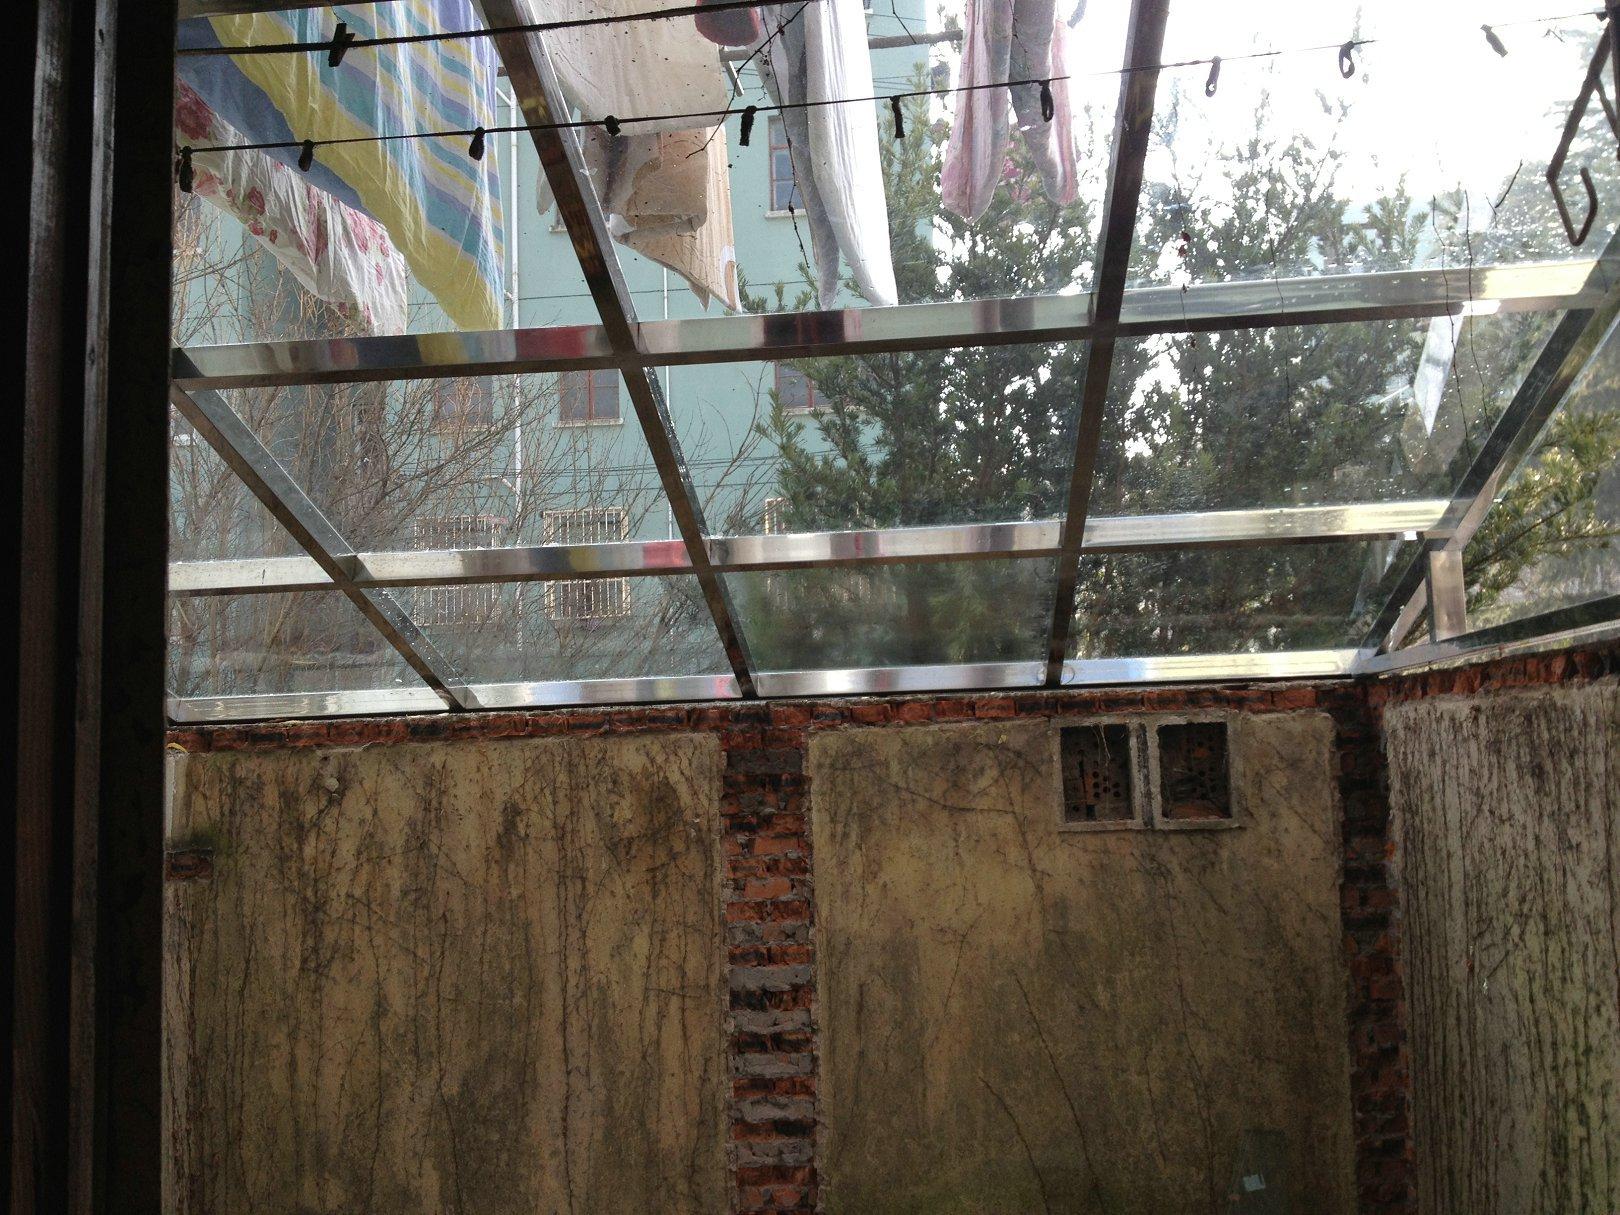 2013年1月19日敲墻 40平帶天井1室1廳 裝修日記 籬笆